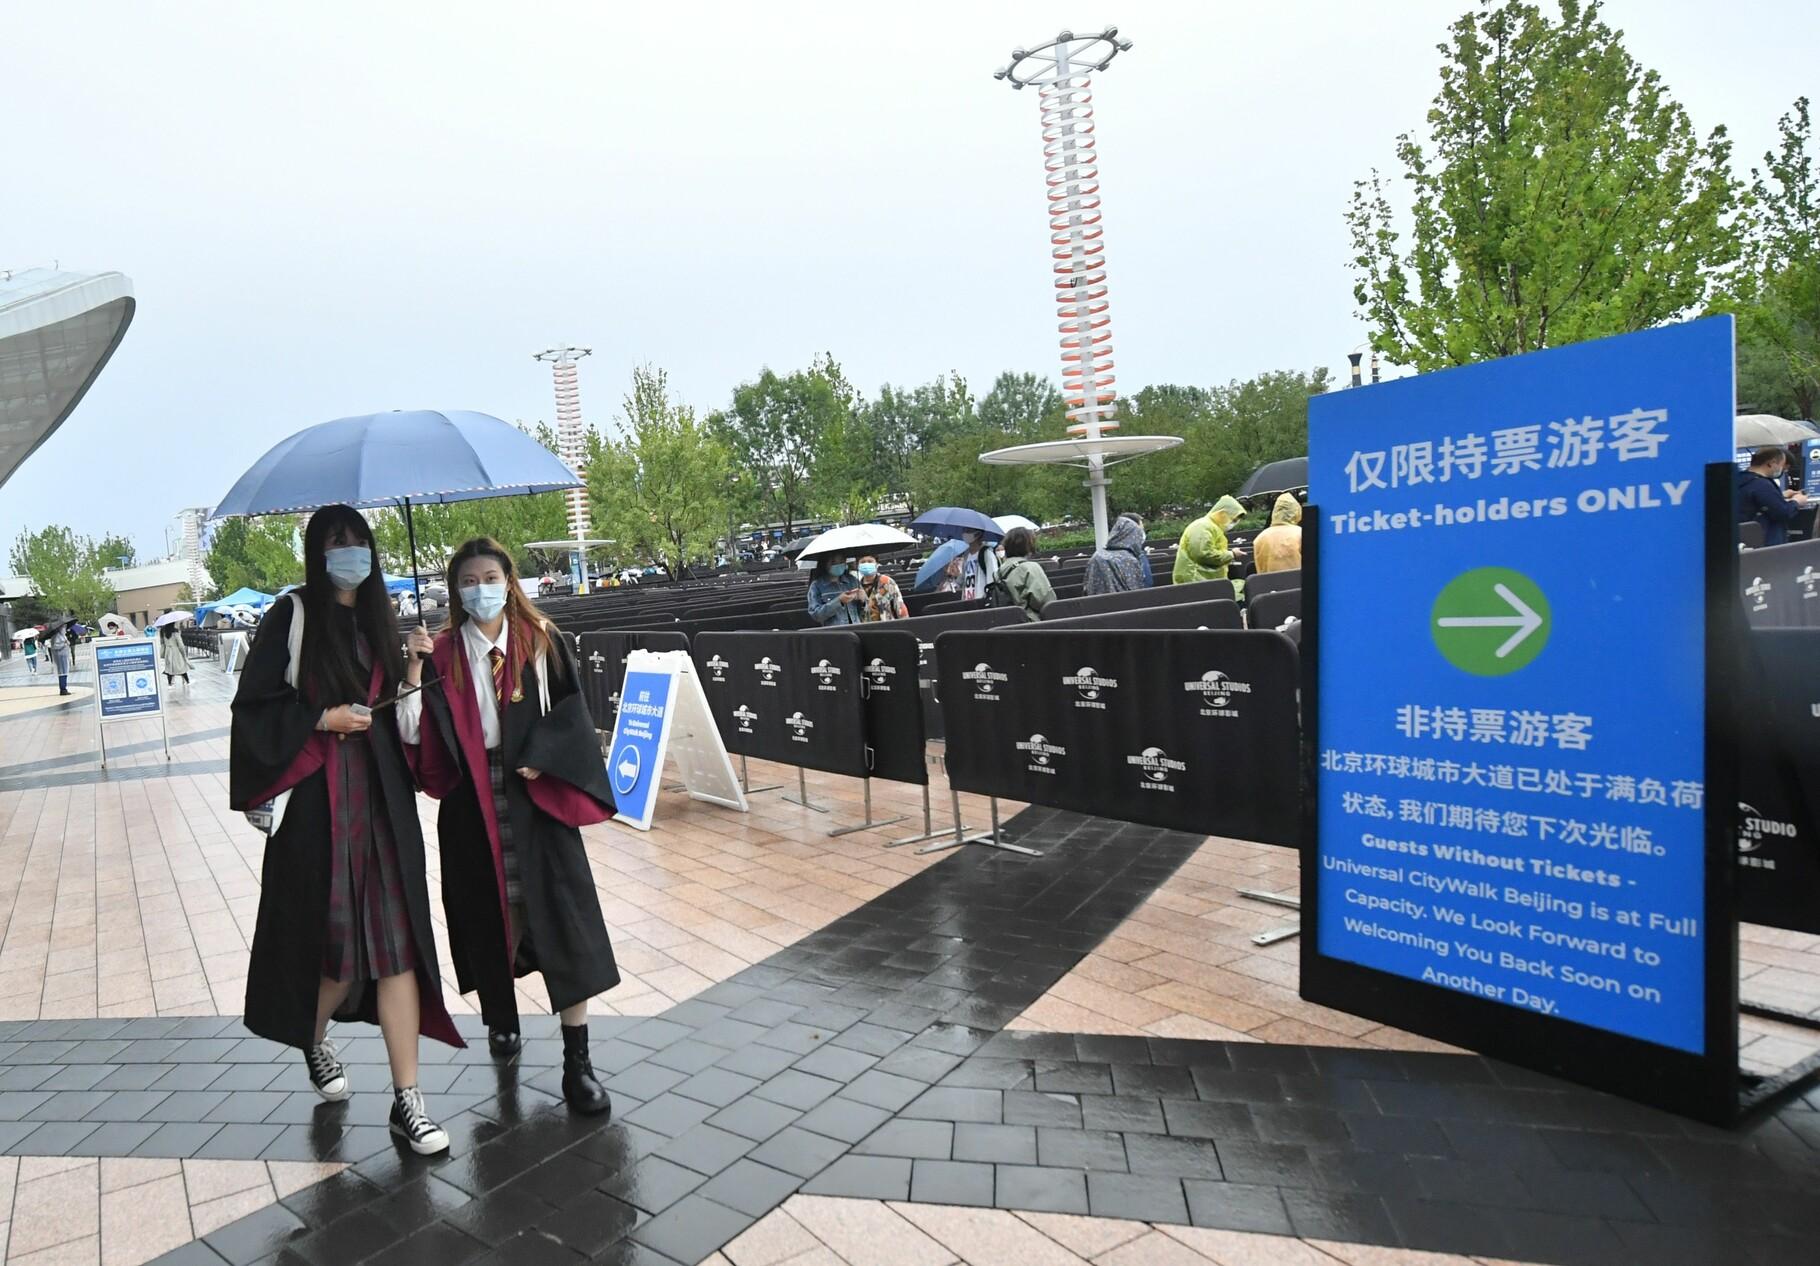 universal-studios-beijing-49212300.jpg